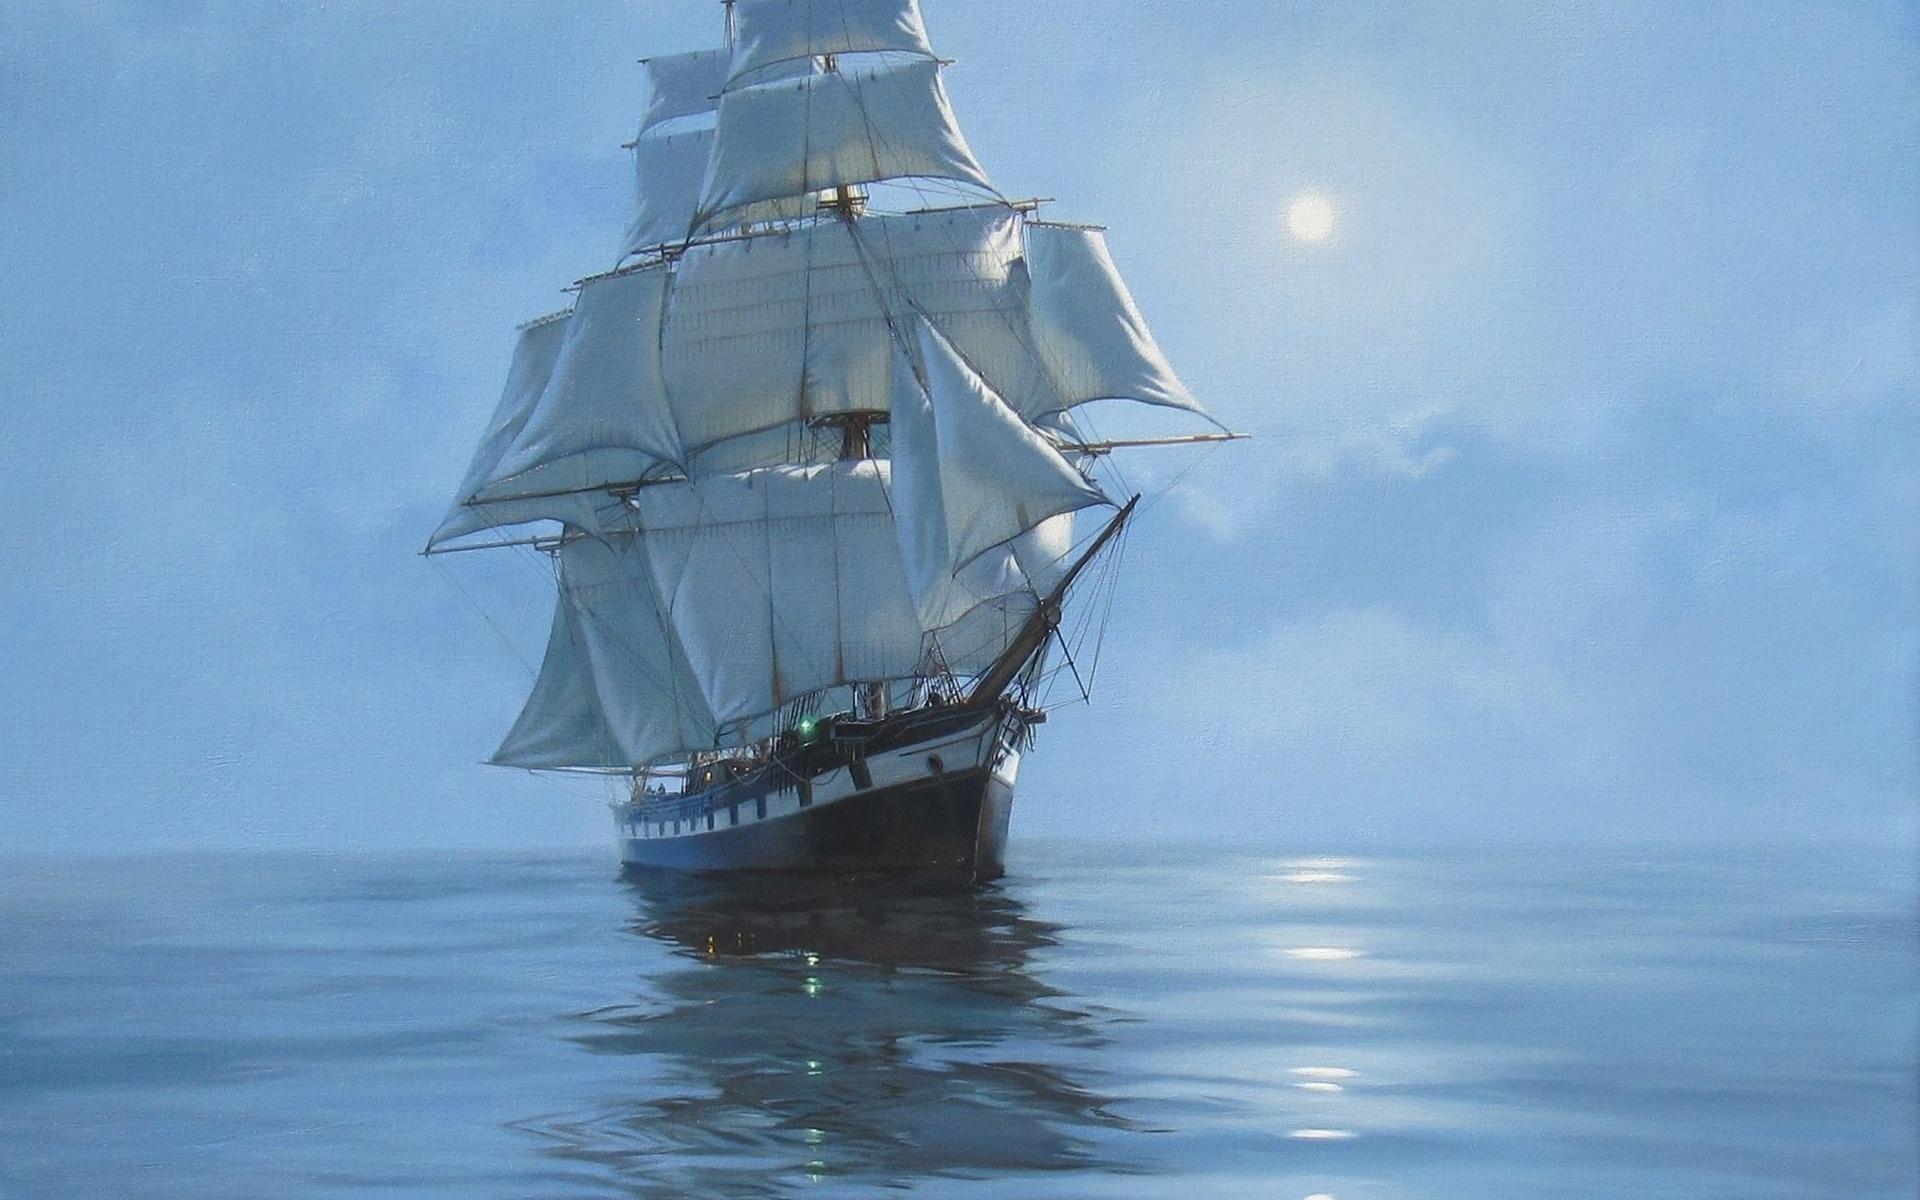 Картинки парусных кораблей в море